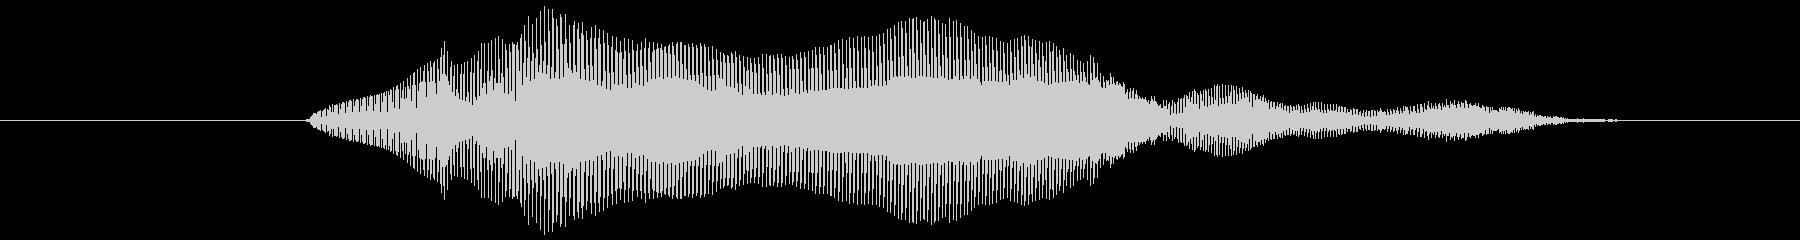 わーい!の未再生の波形